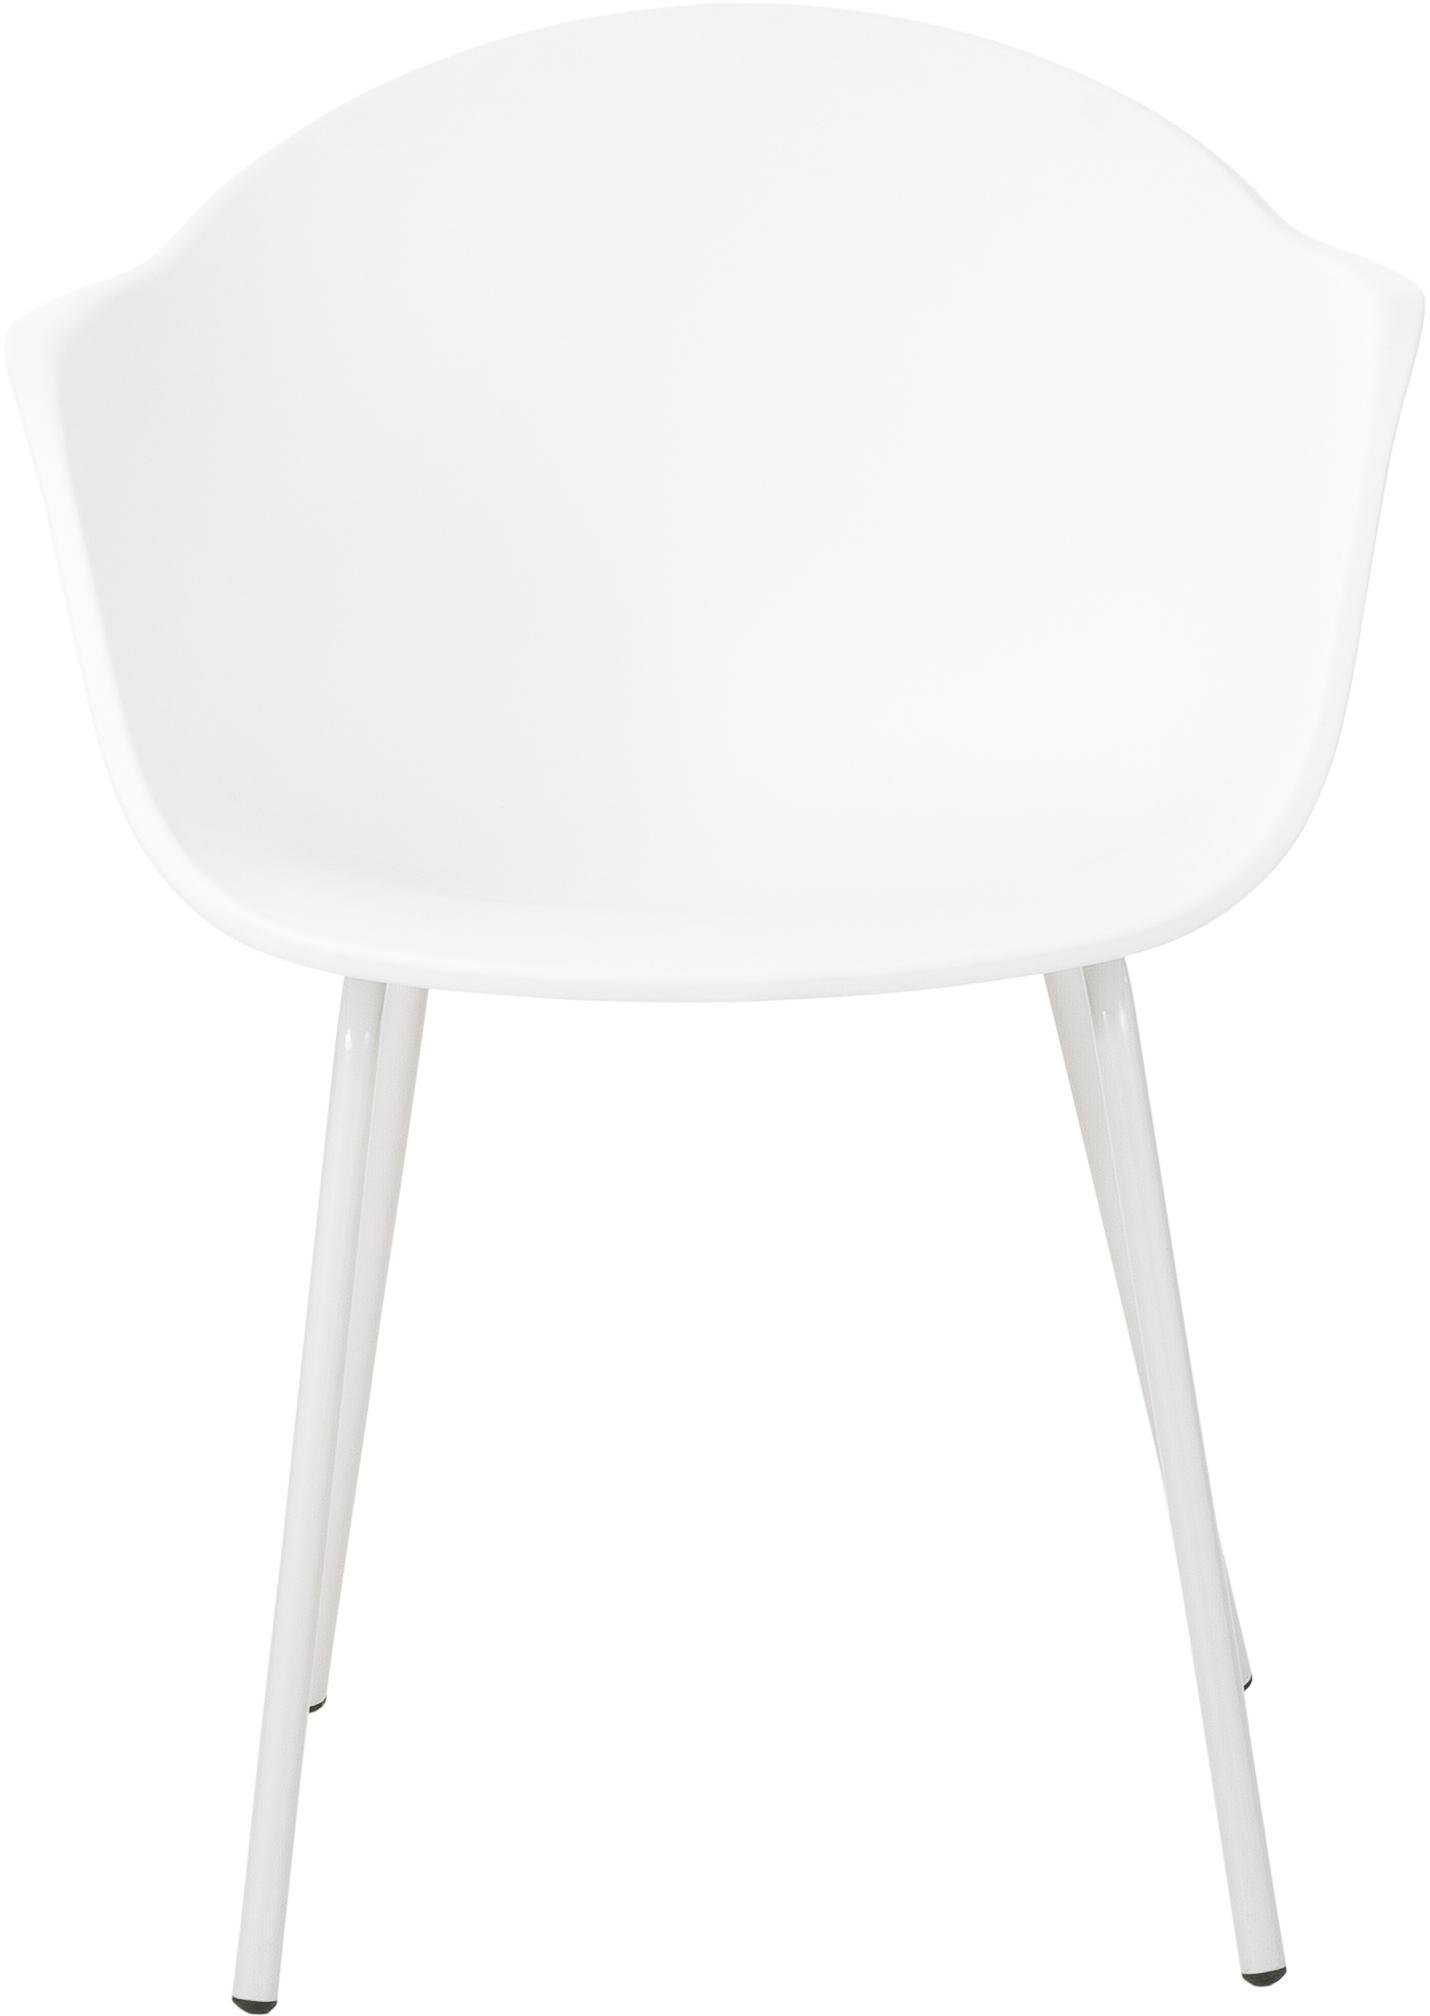 Kunststoff-Armlehnstuhl Claire mit Metallbeinen, Sitzschale: Kunststoff, Beine: Metall, pulverbeschichtet, Weiß, B 54 x T 60 cm